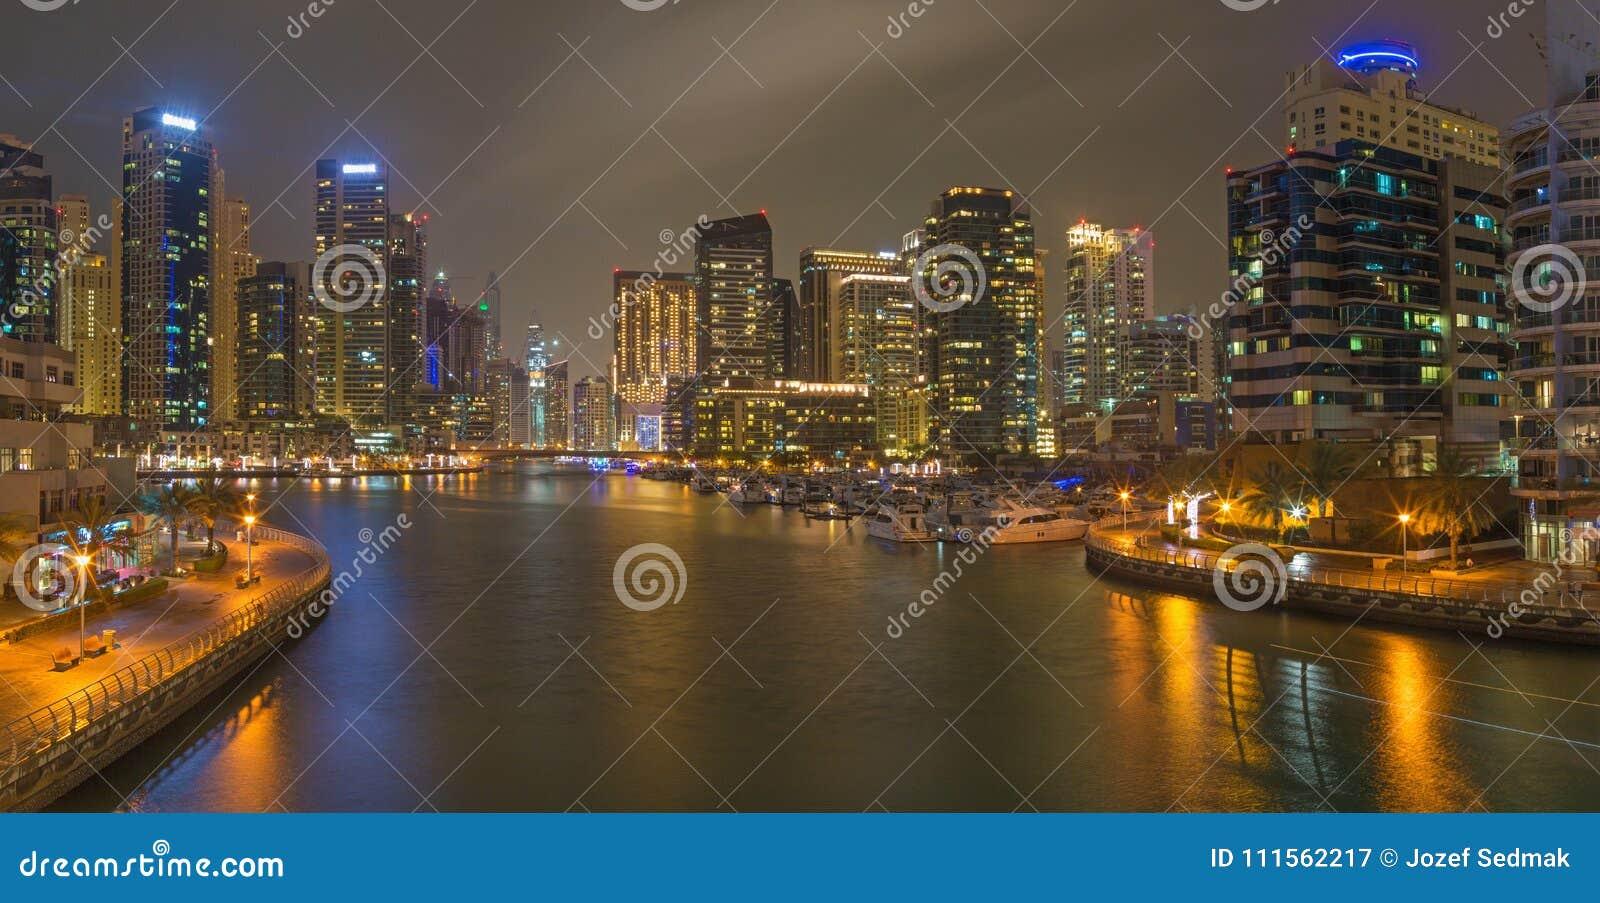 Dubai - das nächtliche Panorama des Jachthafens